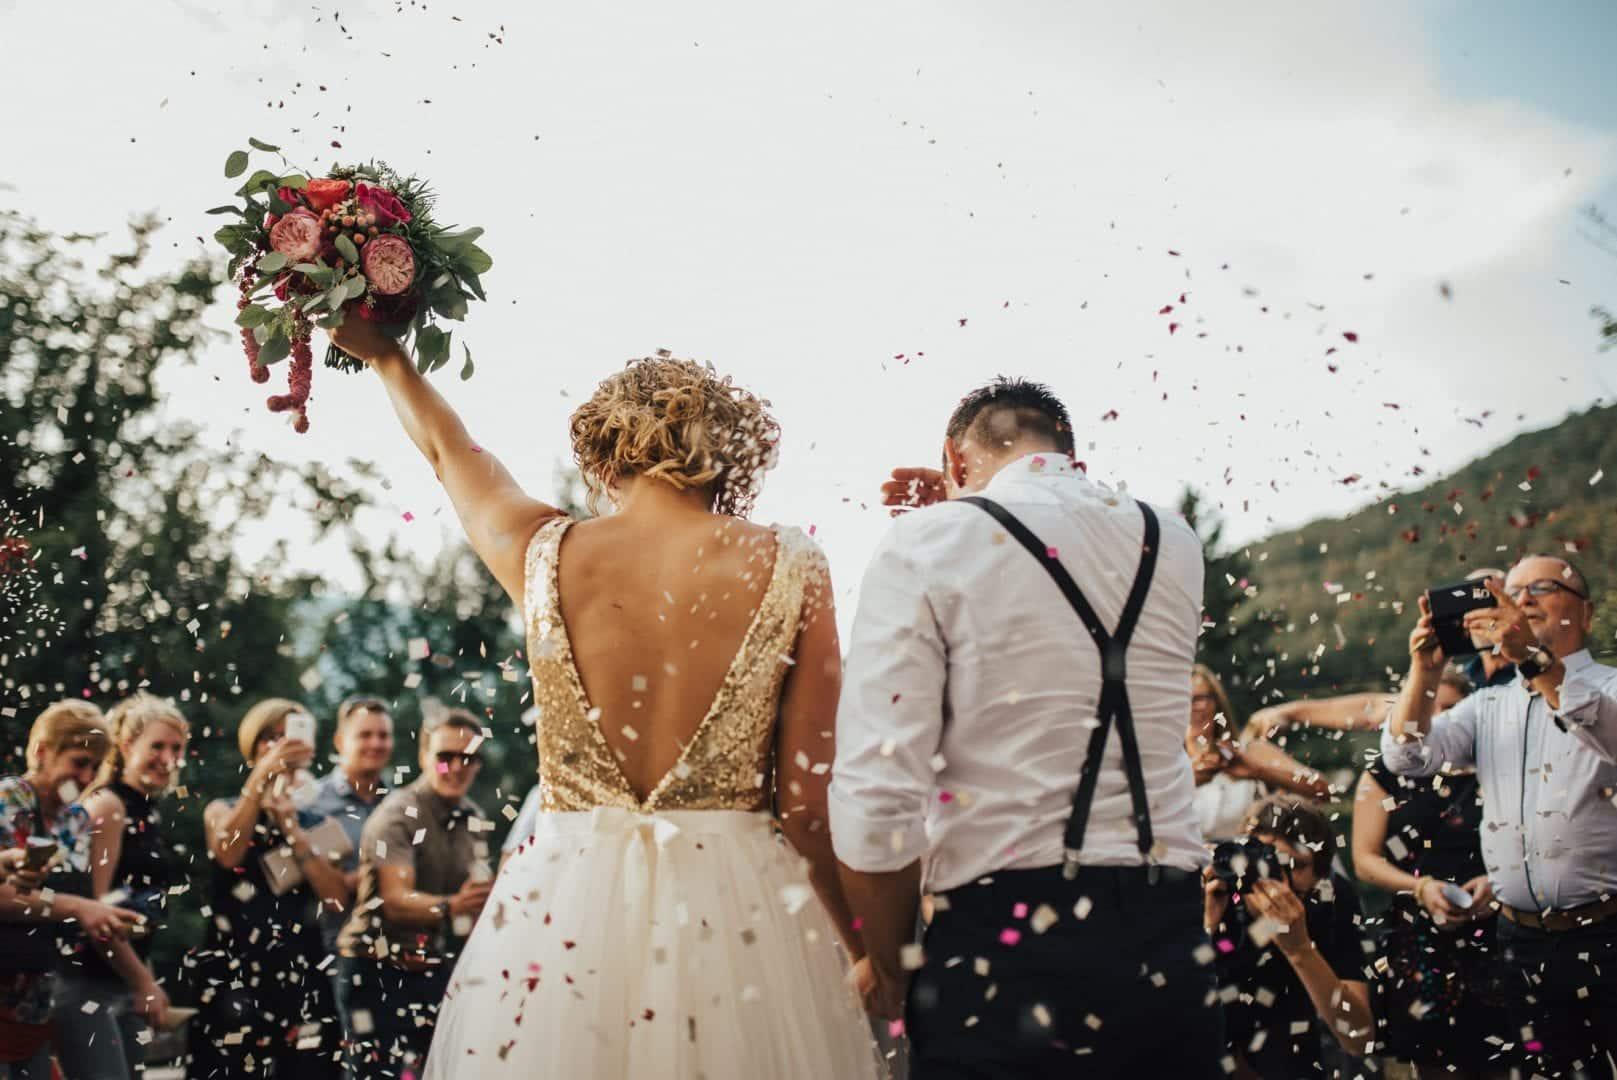 Casamento blindado - O que significa e como blindar o seu com 10 passos